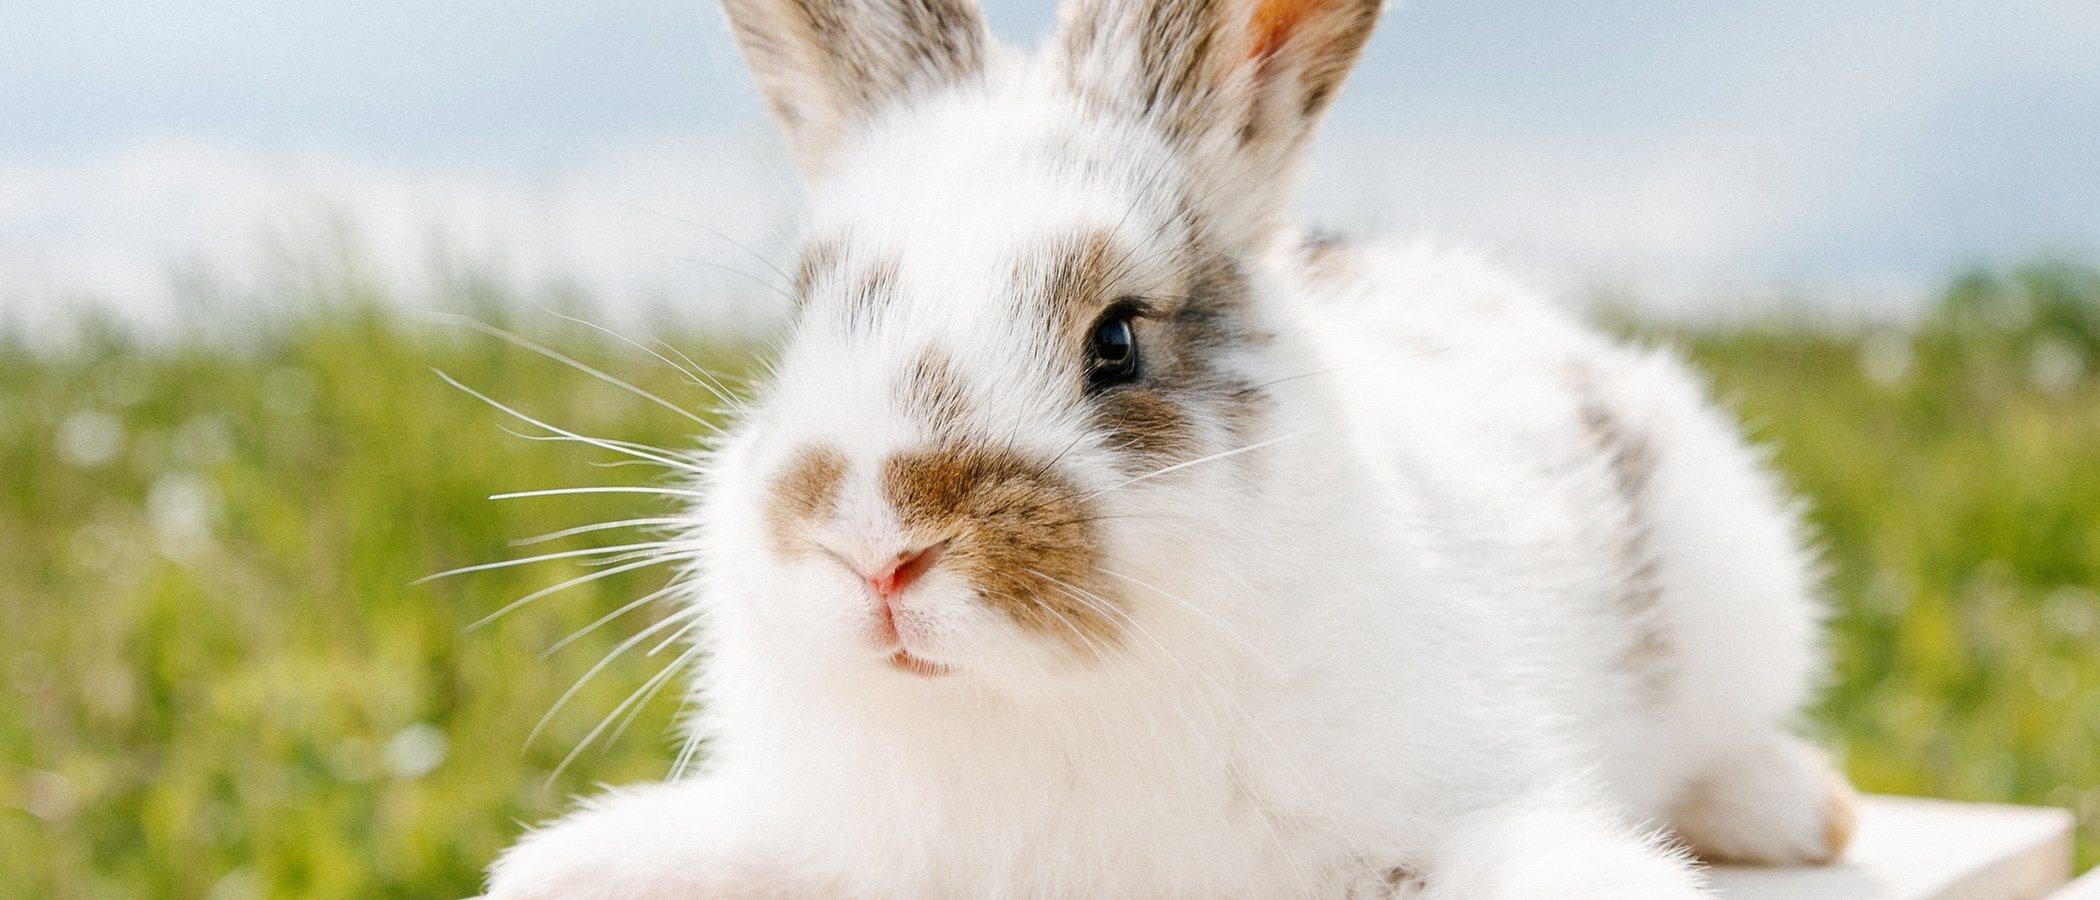 Trucos para que los conejos sobrelleven mejor el calor